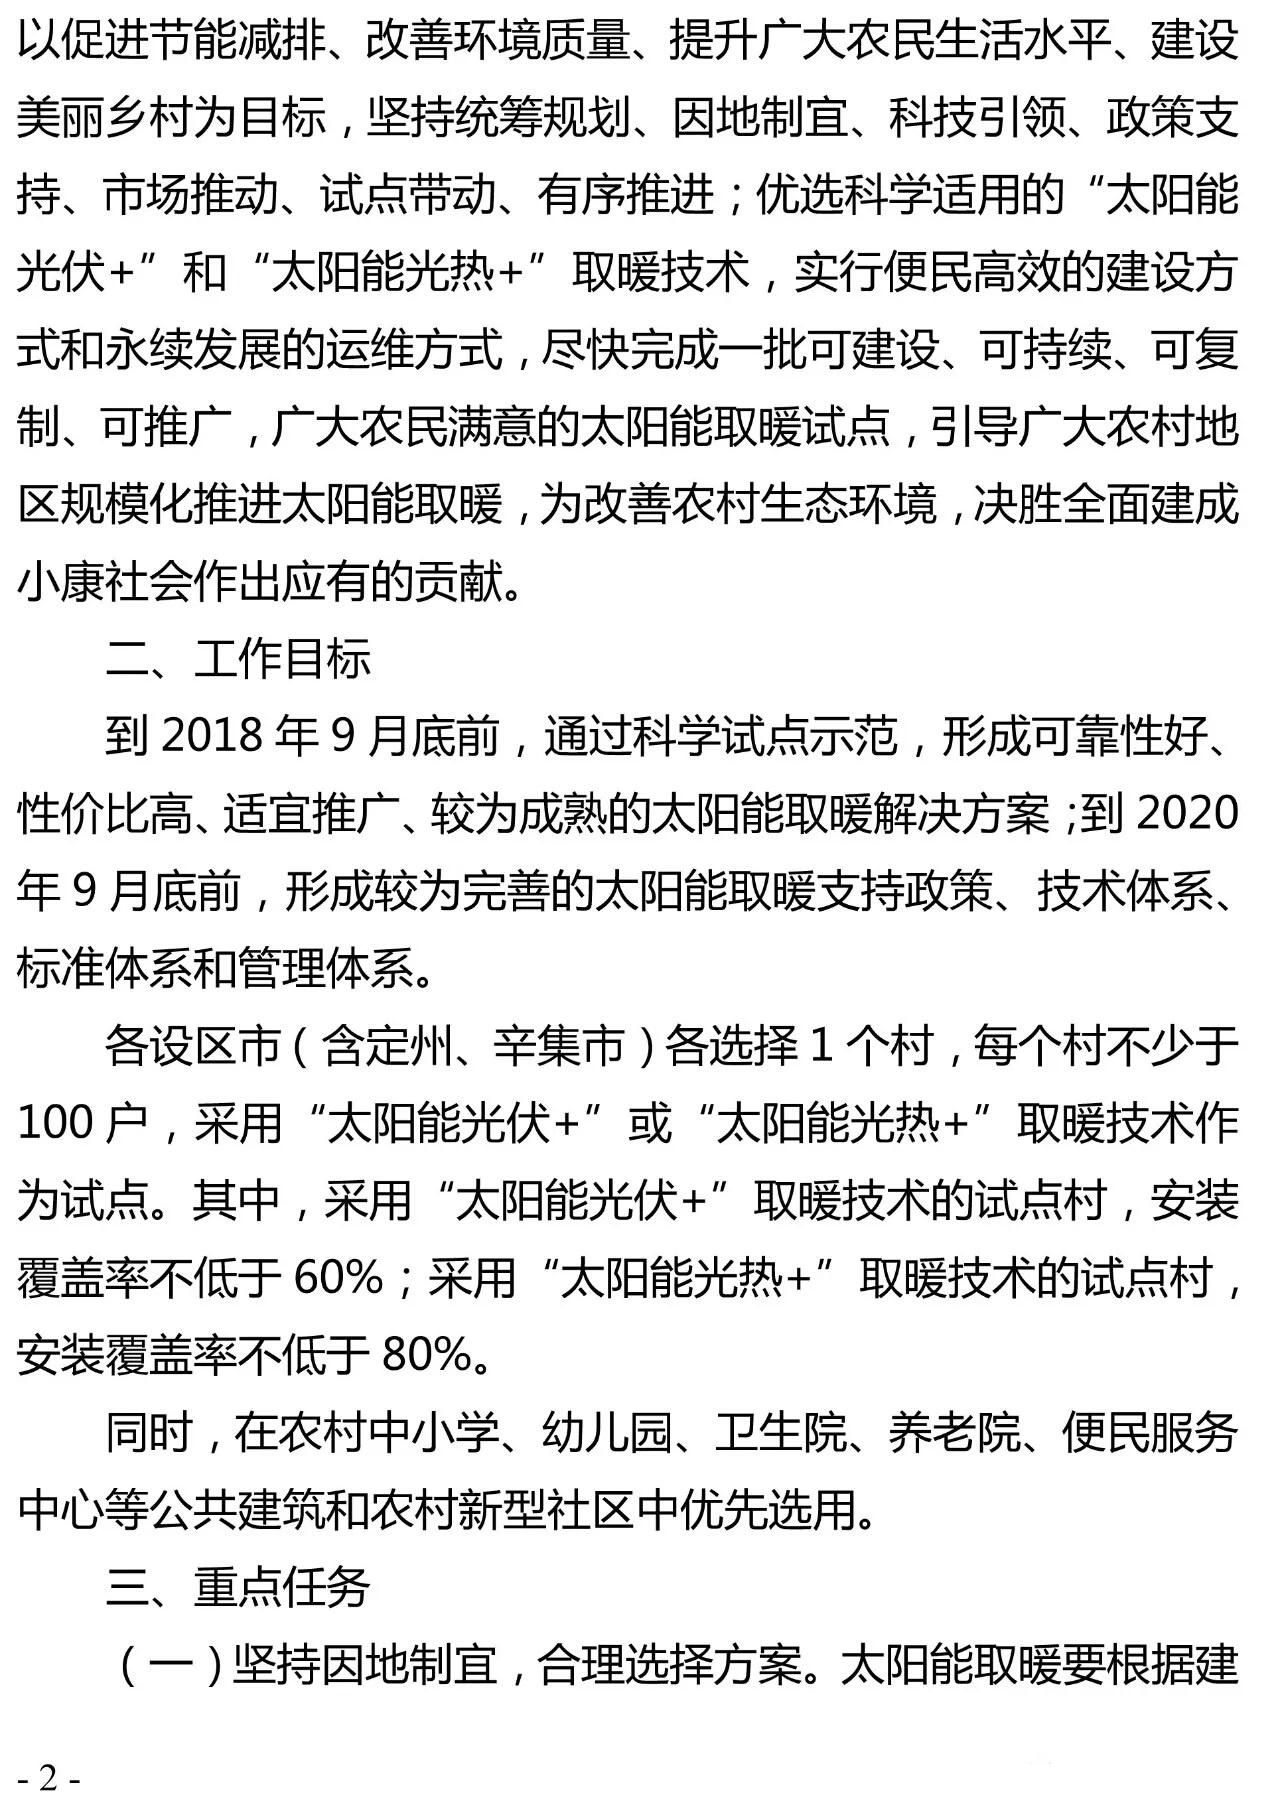 重磅|河北省农村地区太阳能供暖试点实施方案(河北省补贴0.2元/千瓦时)